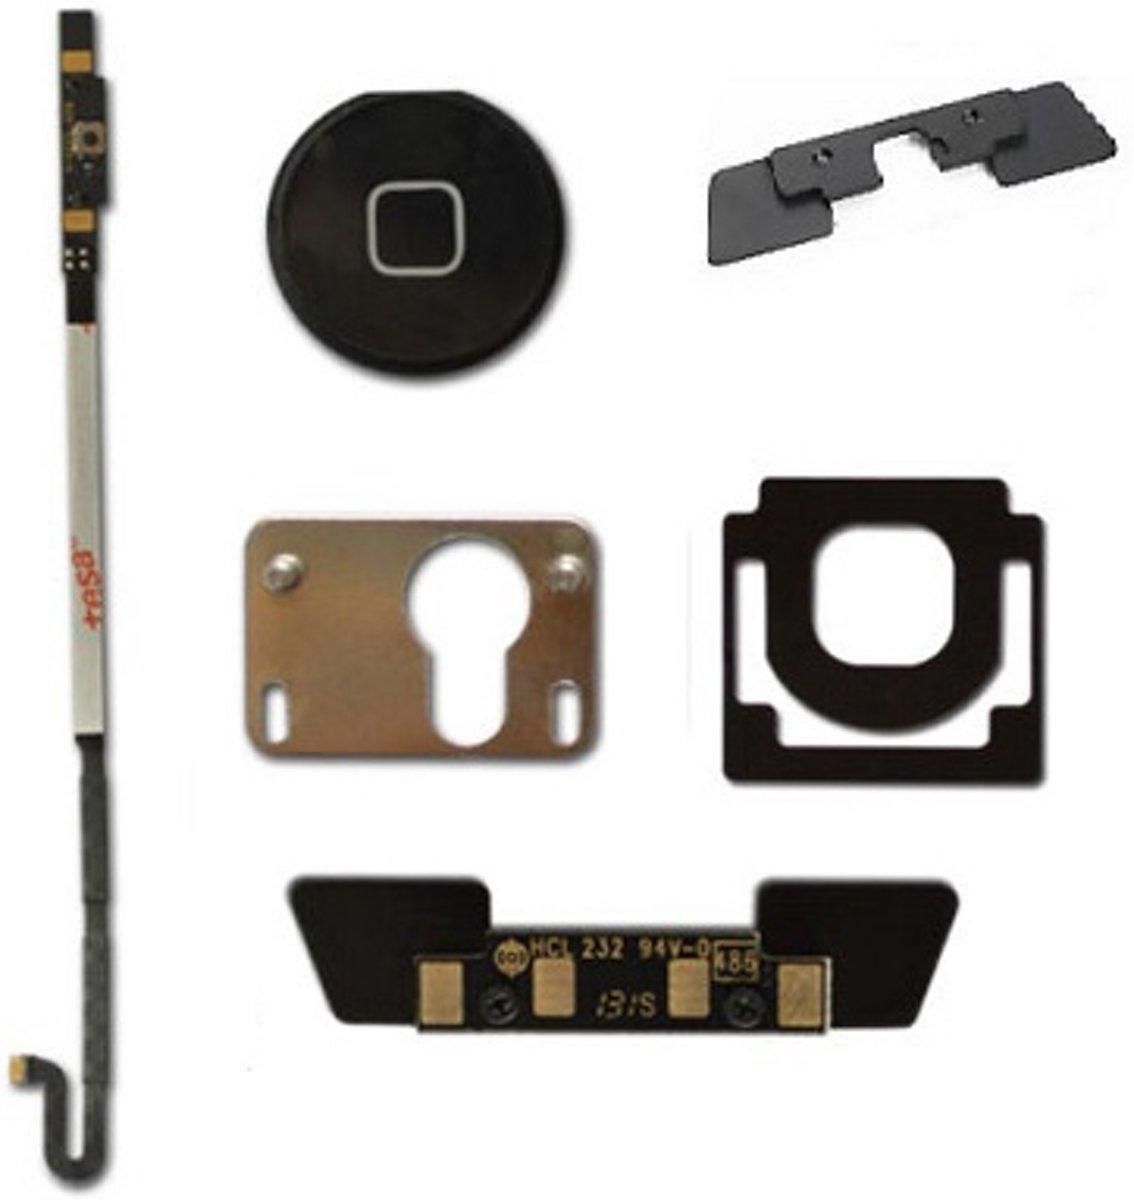 complete homebutton set voor ipad 4 -zwart - compleet kopen